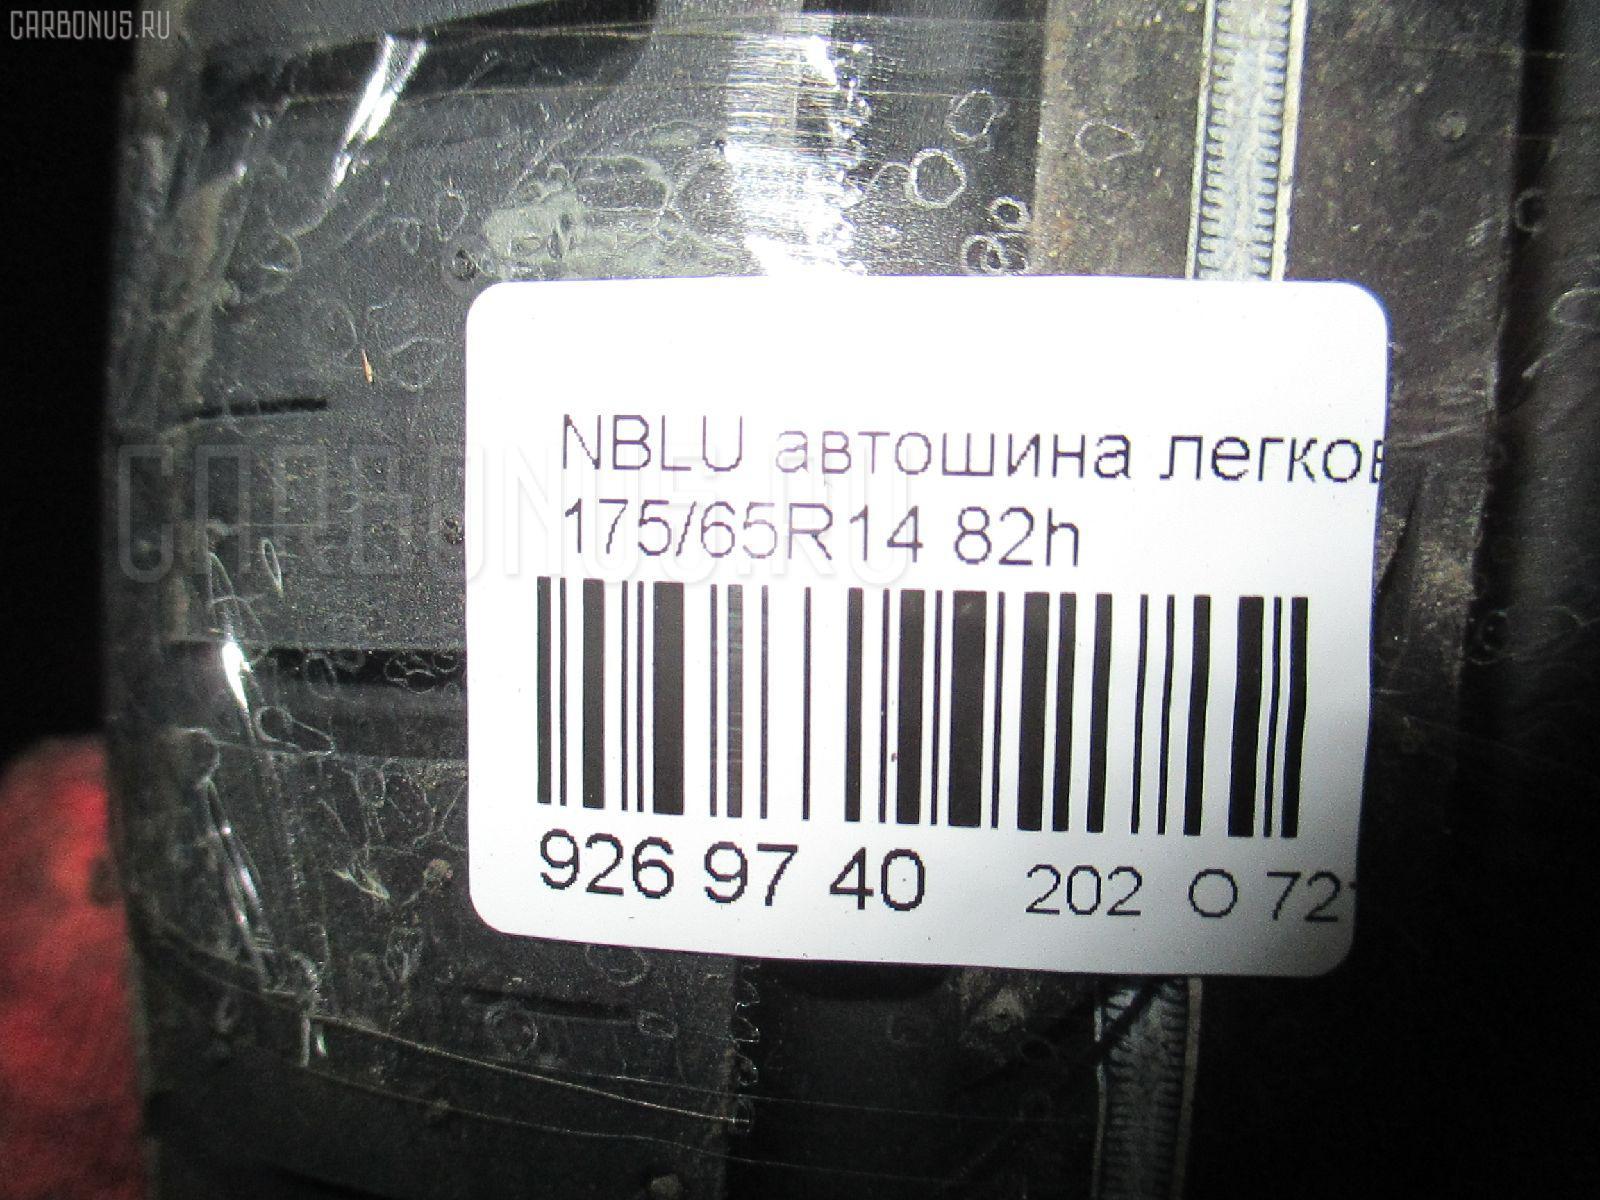 Автошина легковая летняя NBLUE HD PLUS 175/65R14 NEXEN Фото 4